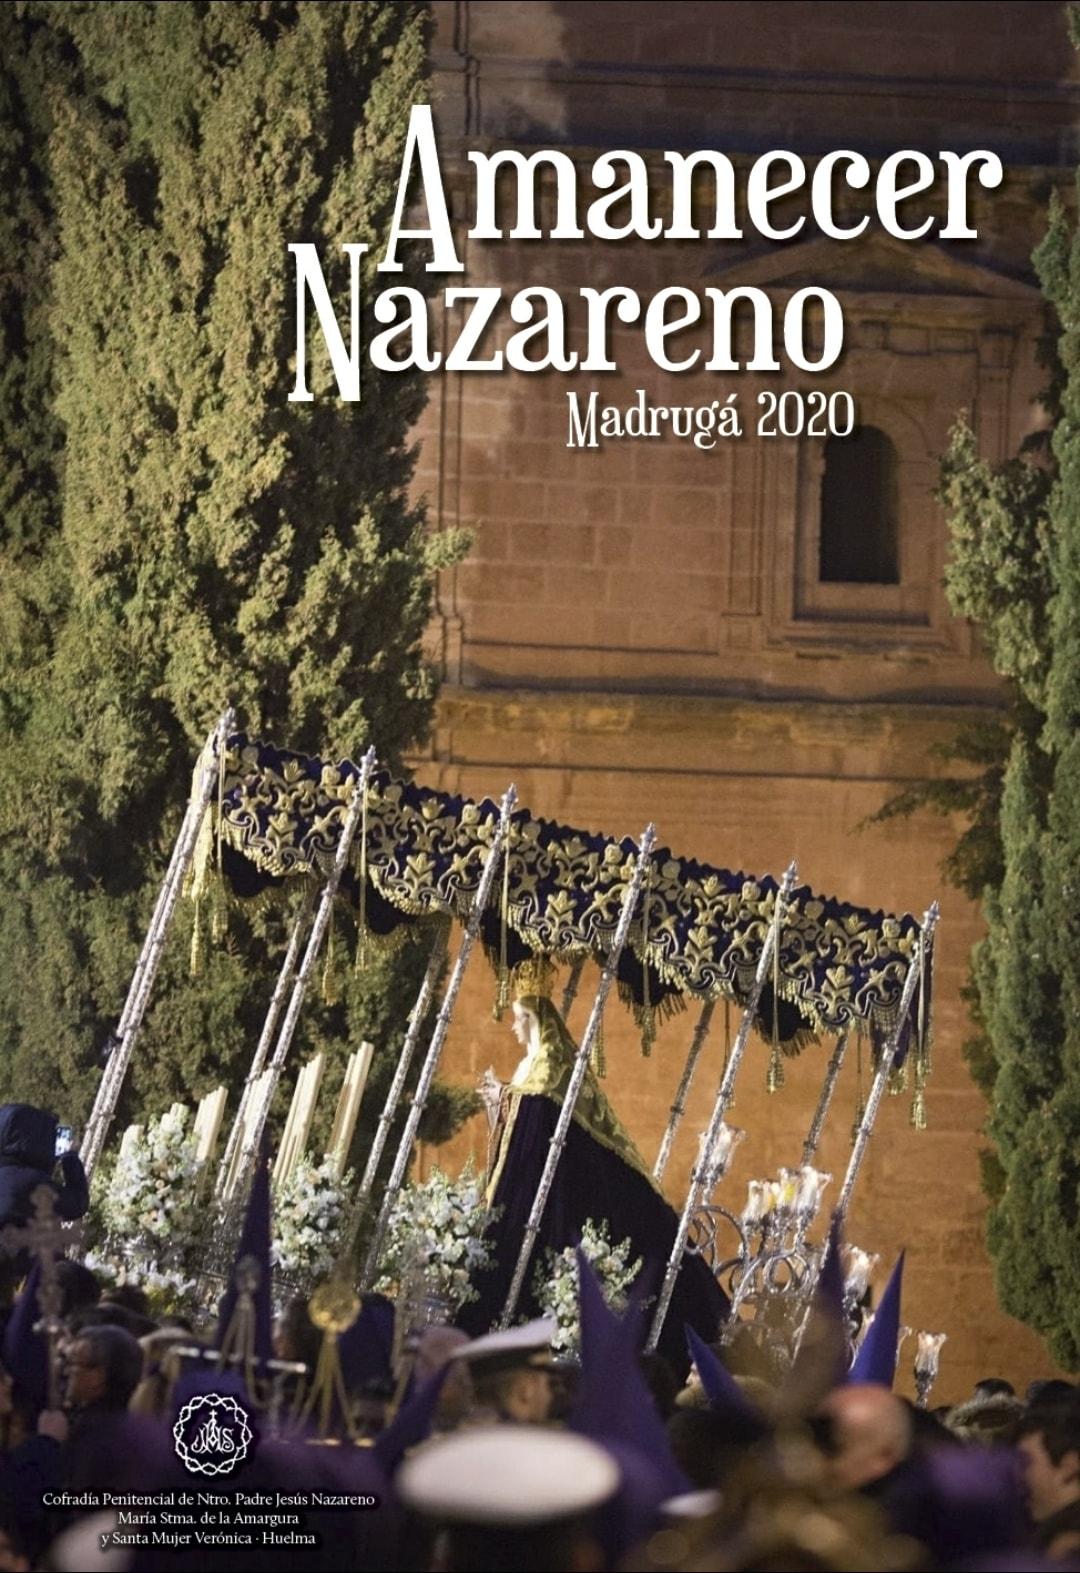 """CARTEL DEL VIERNES SANTO AMANECER NAZARENO, """"LA MADRUGÁ"""" 2020"""